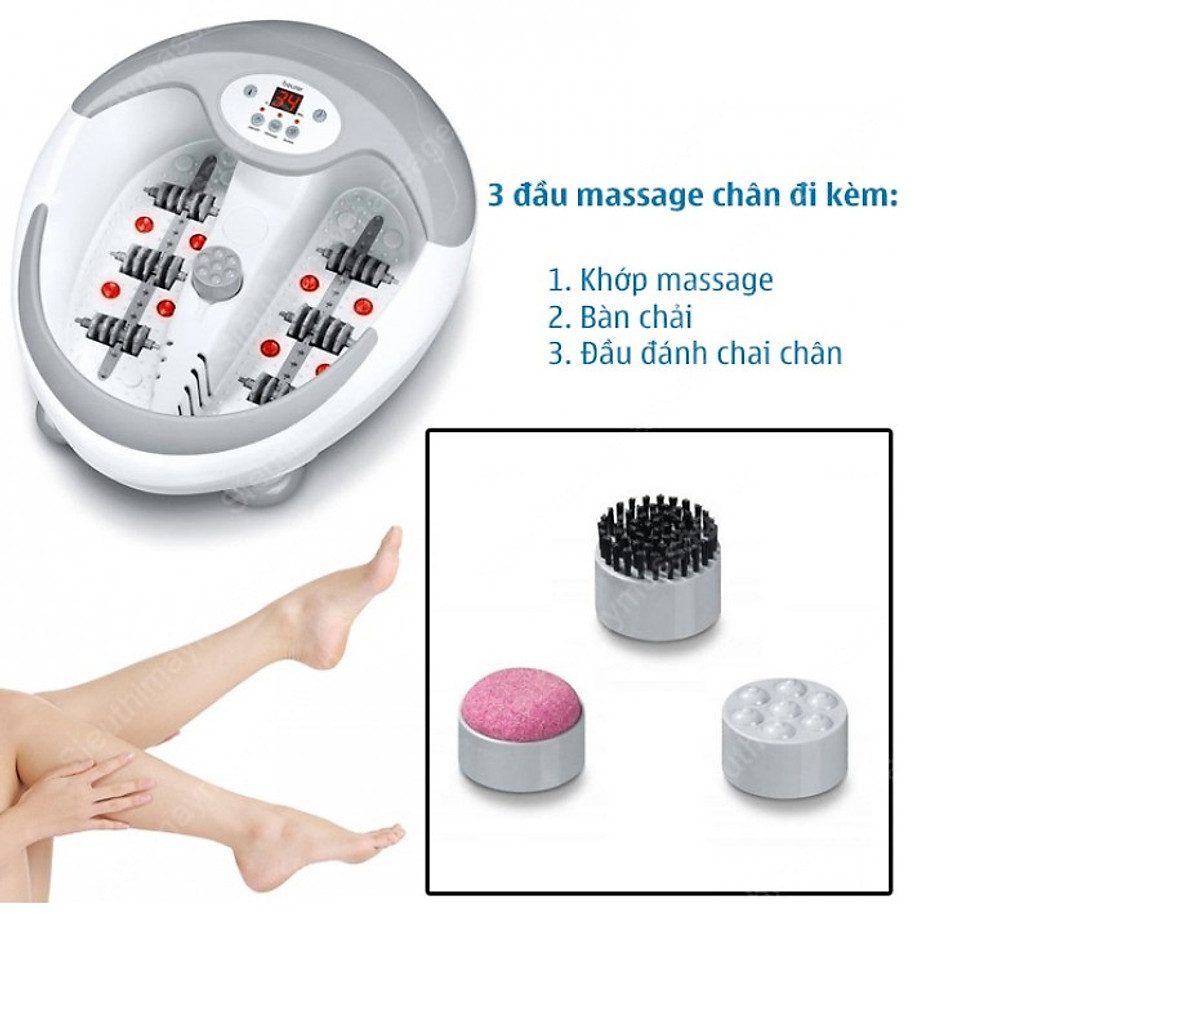 Bồn ngâm chân Massage 8 đèn hồng ngoại Beurer FB50 - 2